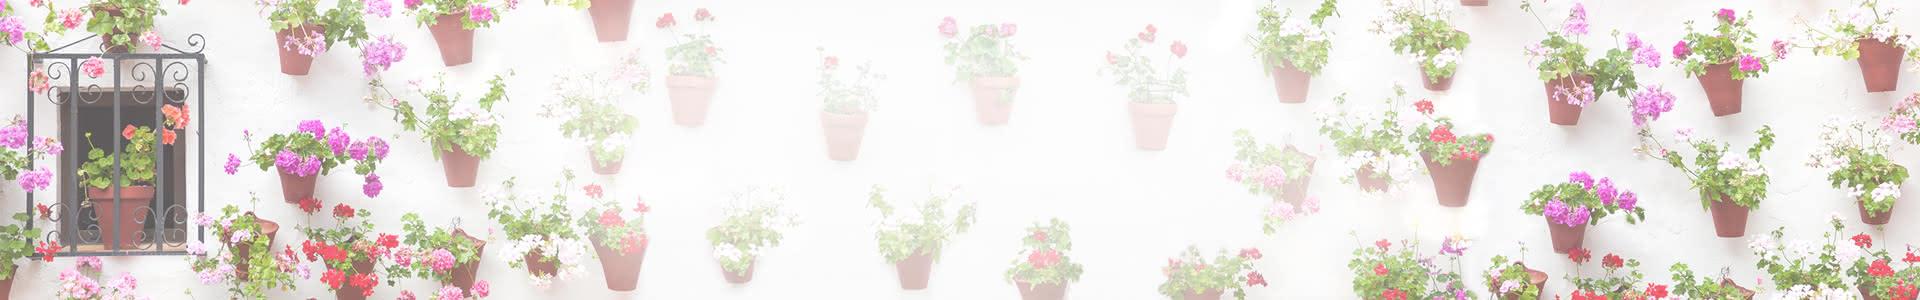 Flores Fiestas Mayo